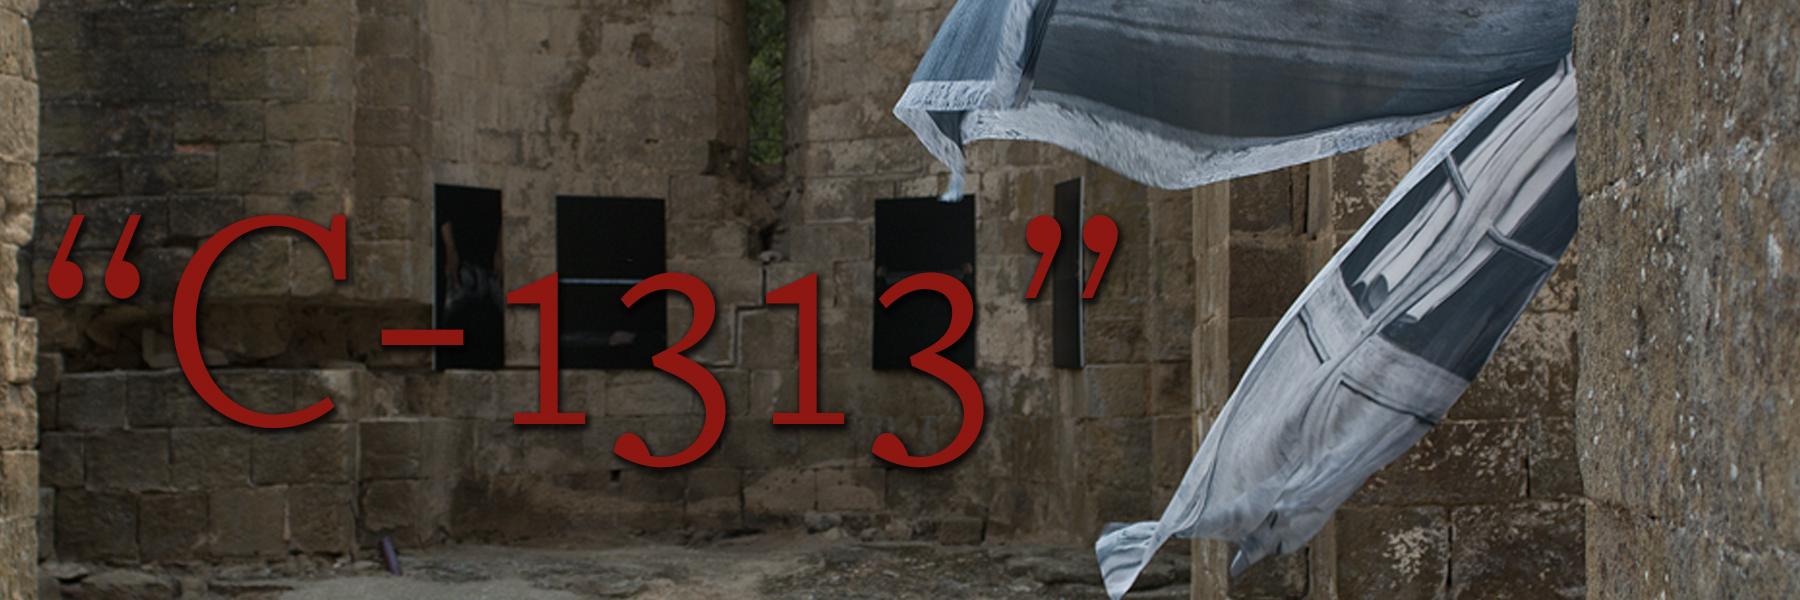 """Imatge exposició: """"C-1313"""" d'Olga Olivera-Tabeni."""